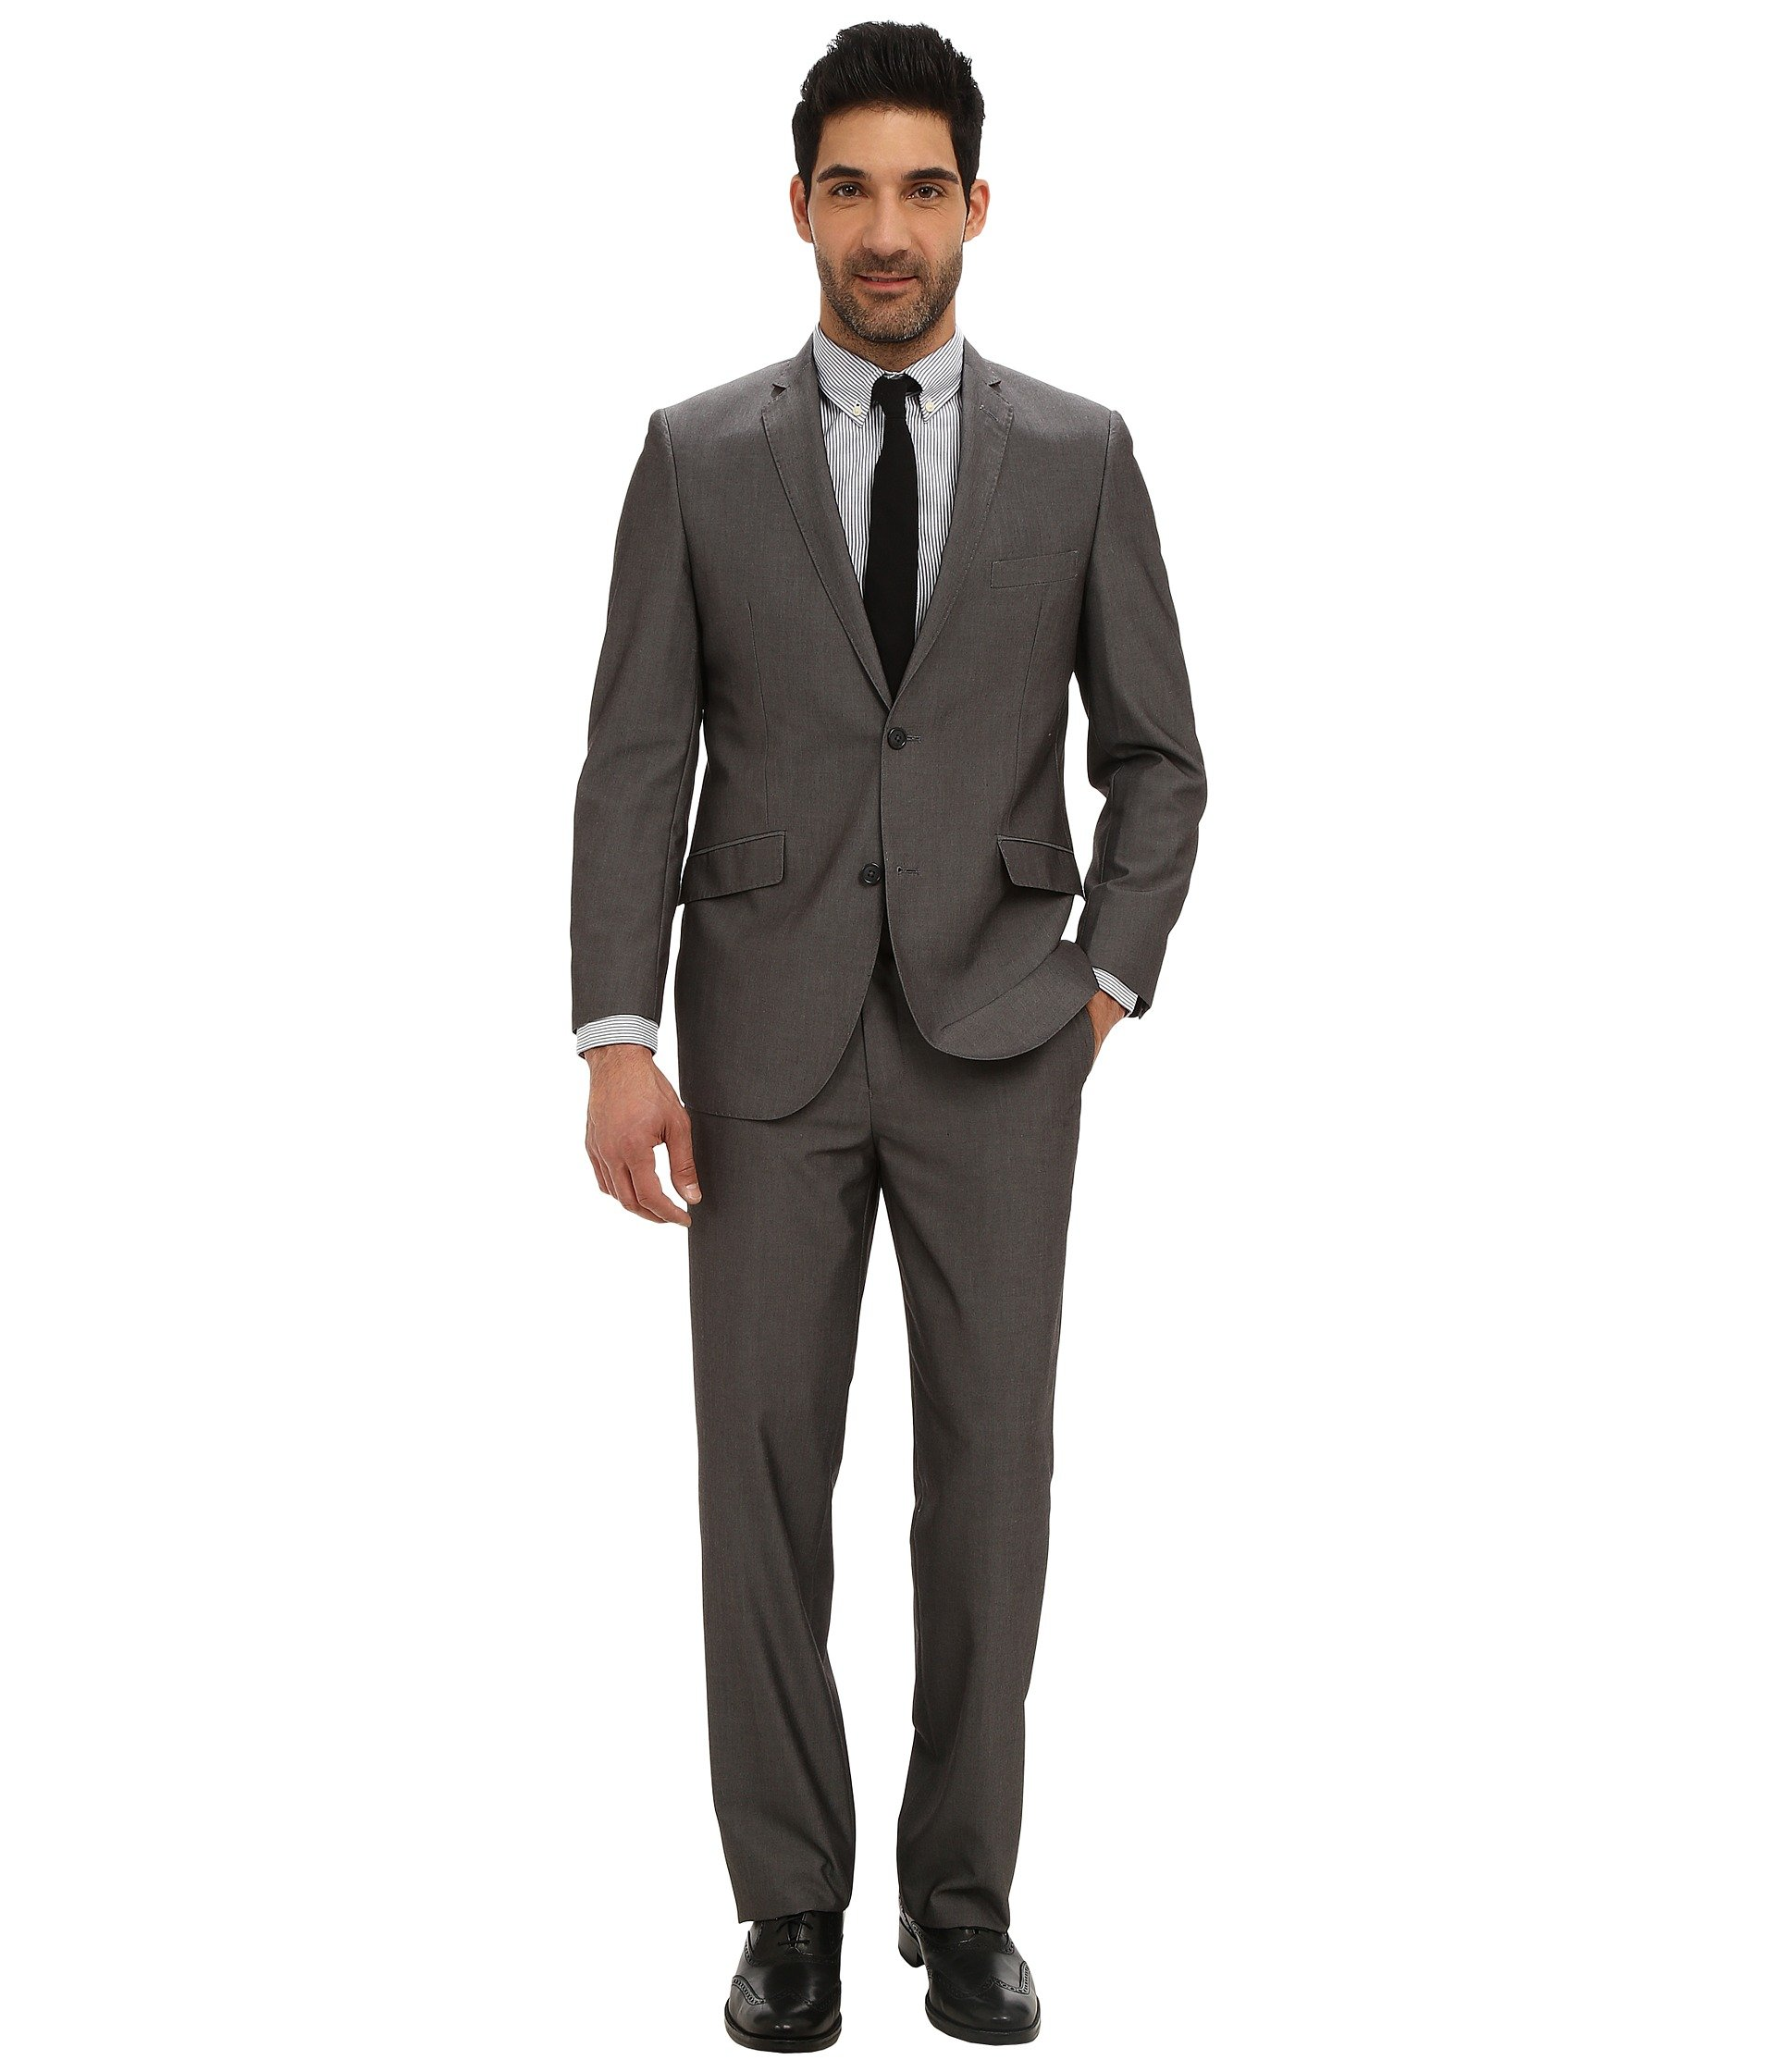 Vestido para Hombre U.S. POLO ASSN. Micro Tech Solid Suit  + U.S. POLO ASSN. en VeoyCompro.net